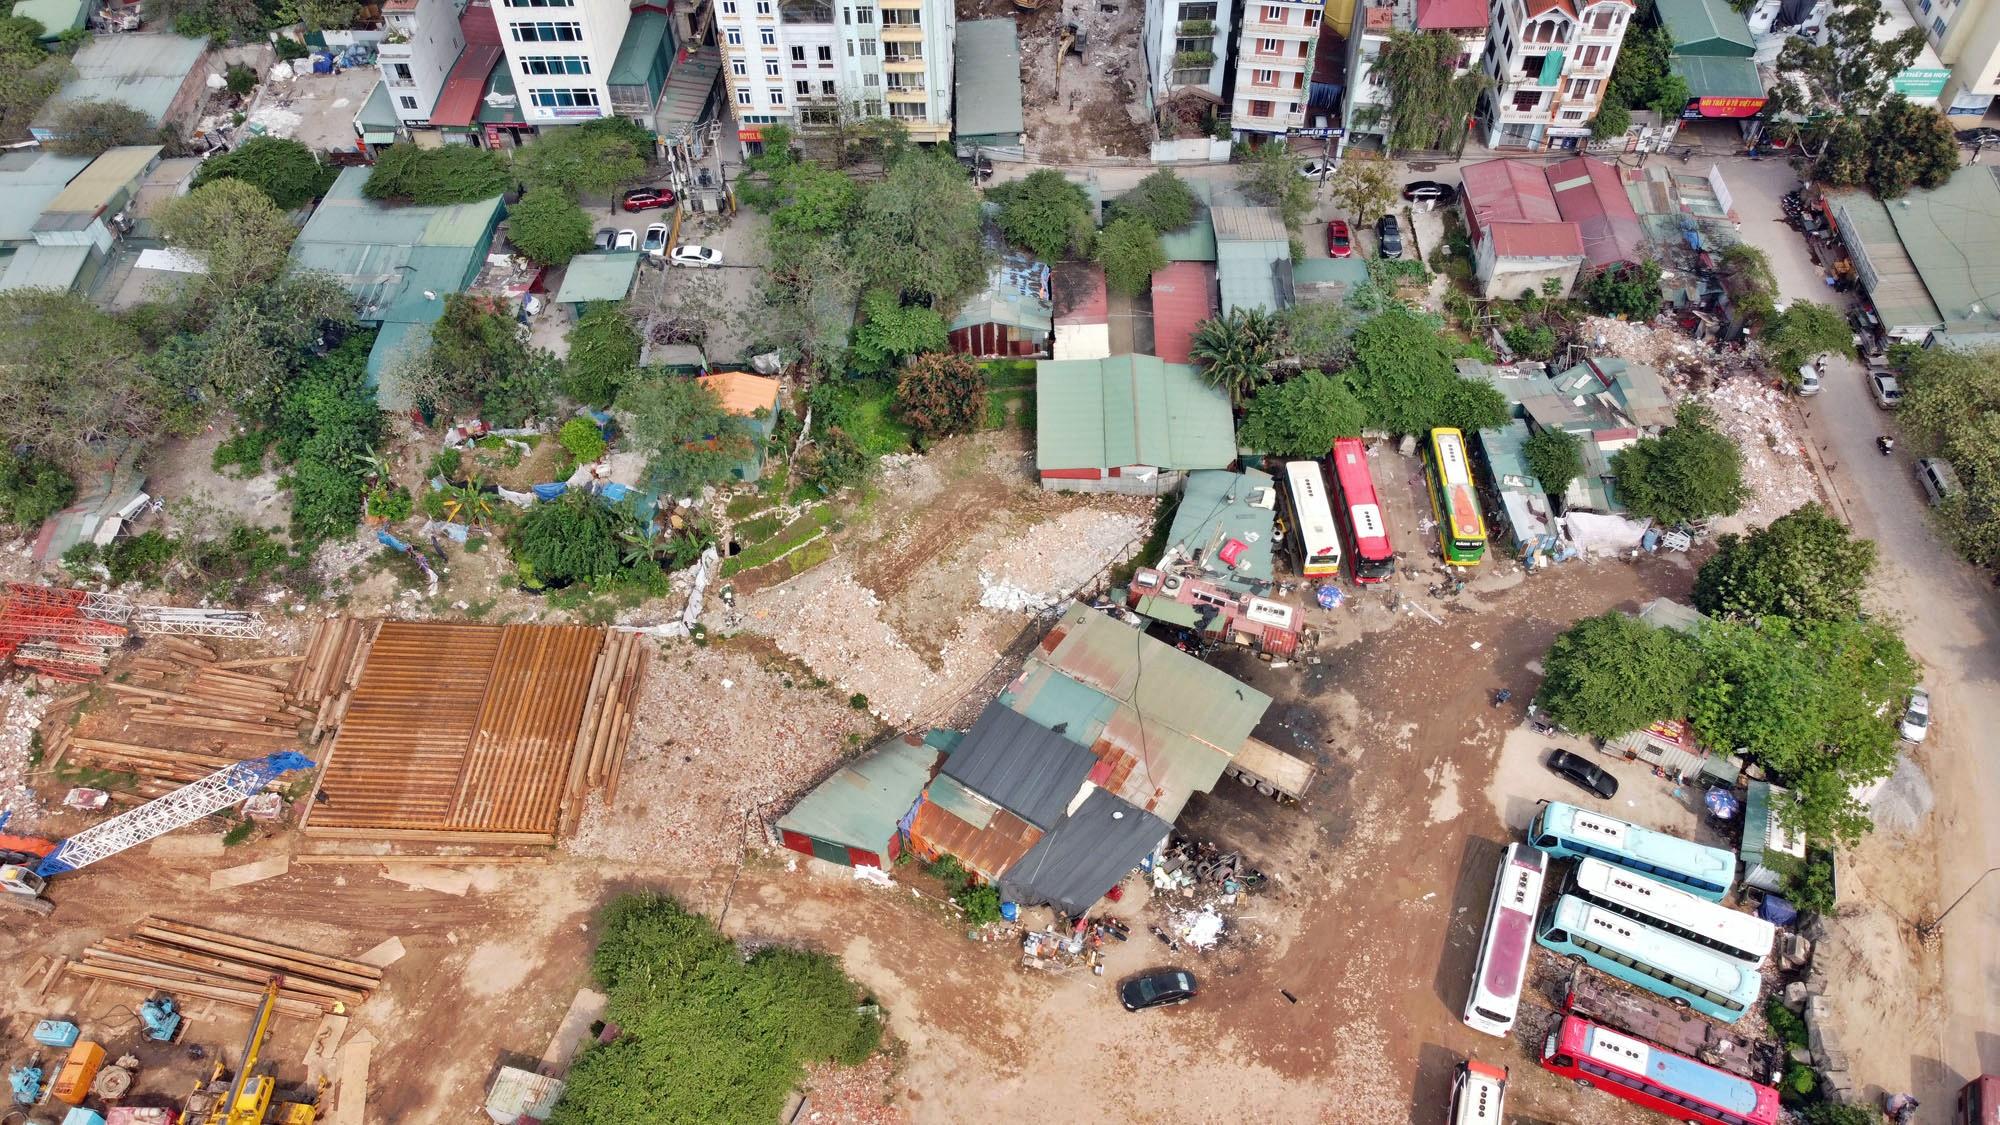 Toàn cảnh đường từ Vũ Quỳnh đến Lê Đức Thọ - Phạm Hùng đang mở theo quy hoạch ở Hà Nội - Ảnh 12.